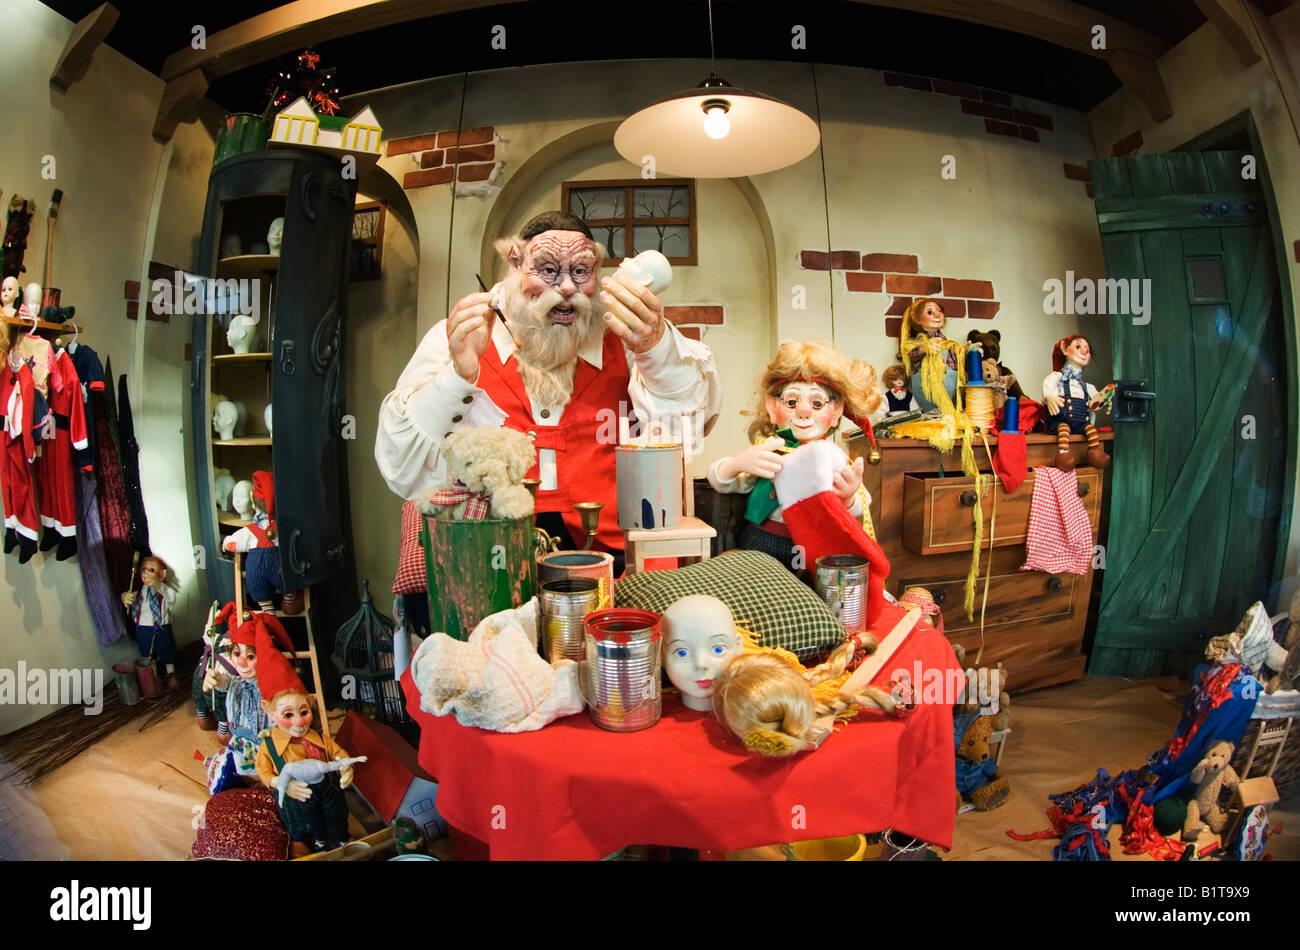 Weihnachtsdisplays Stockfotos & Weihnachtsdisplays Bilder - Alamy